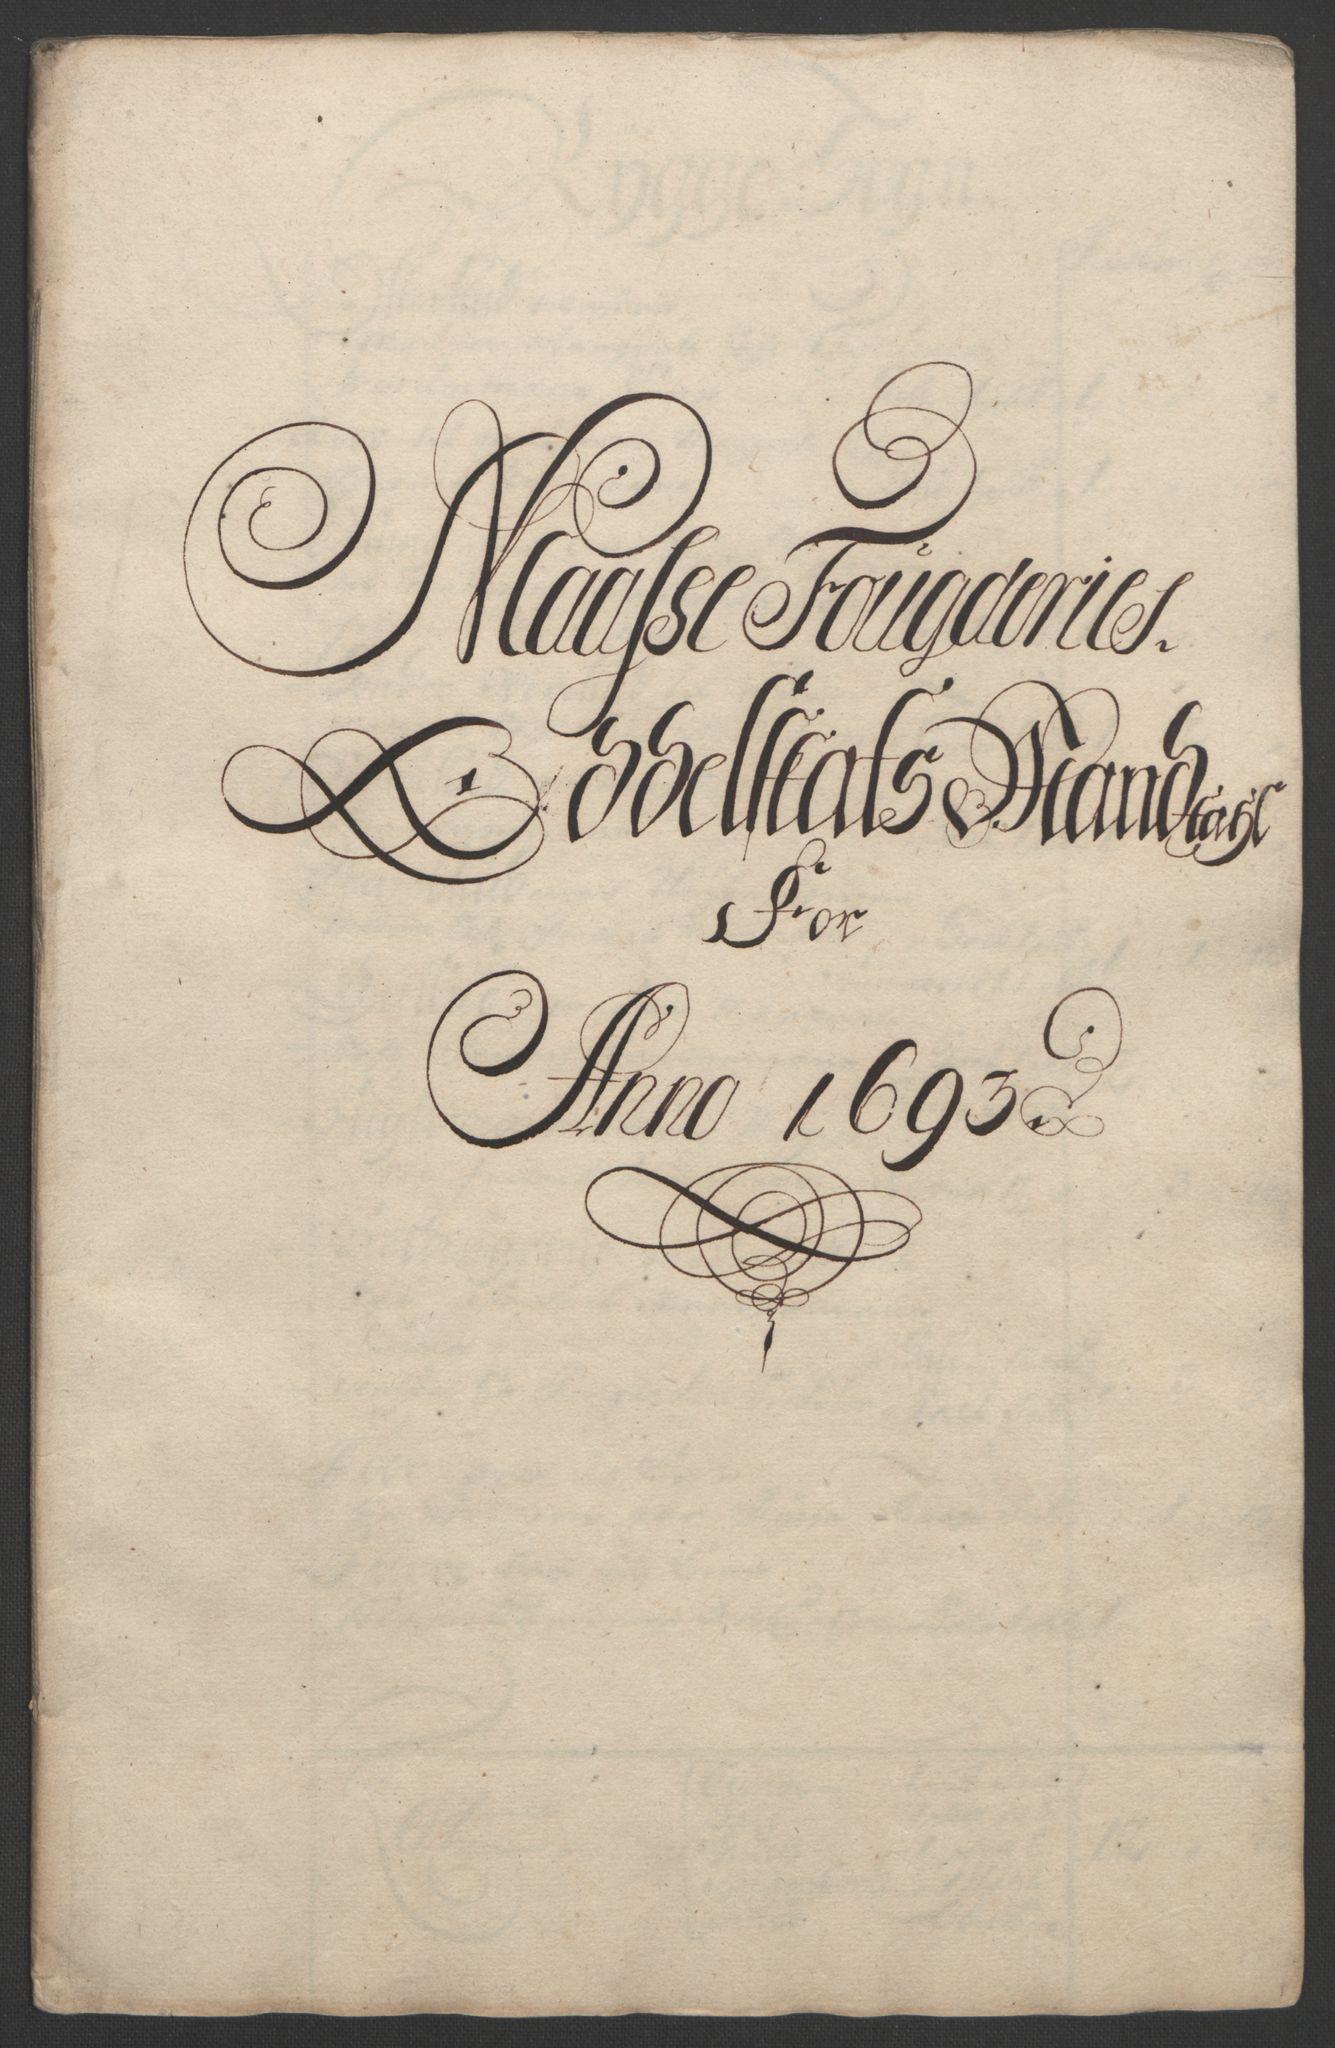 RA, Rentekammeret inntil 1814, Reviderte regnskaper, Fogderegnskap, R02/L0108: Fogderegnskap Moss og Verne kloster, 1692-1693, s. 296